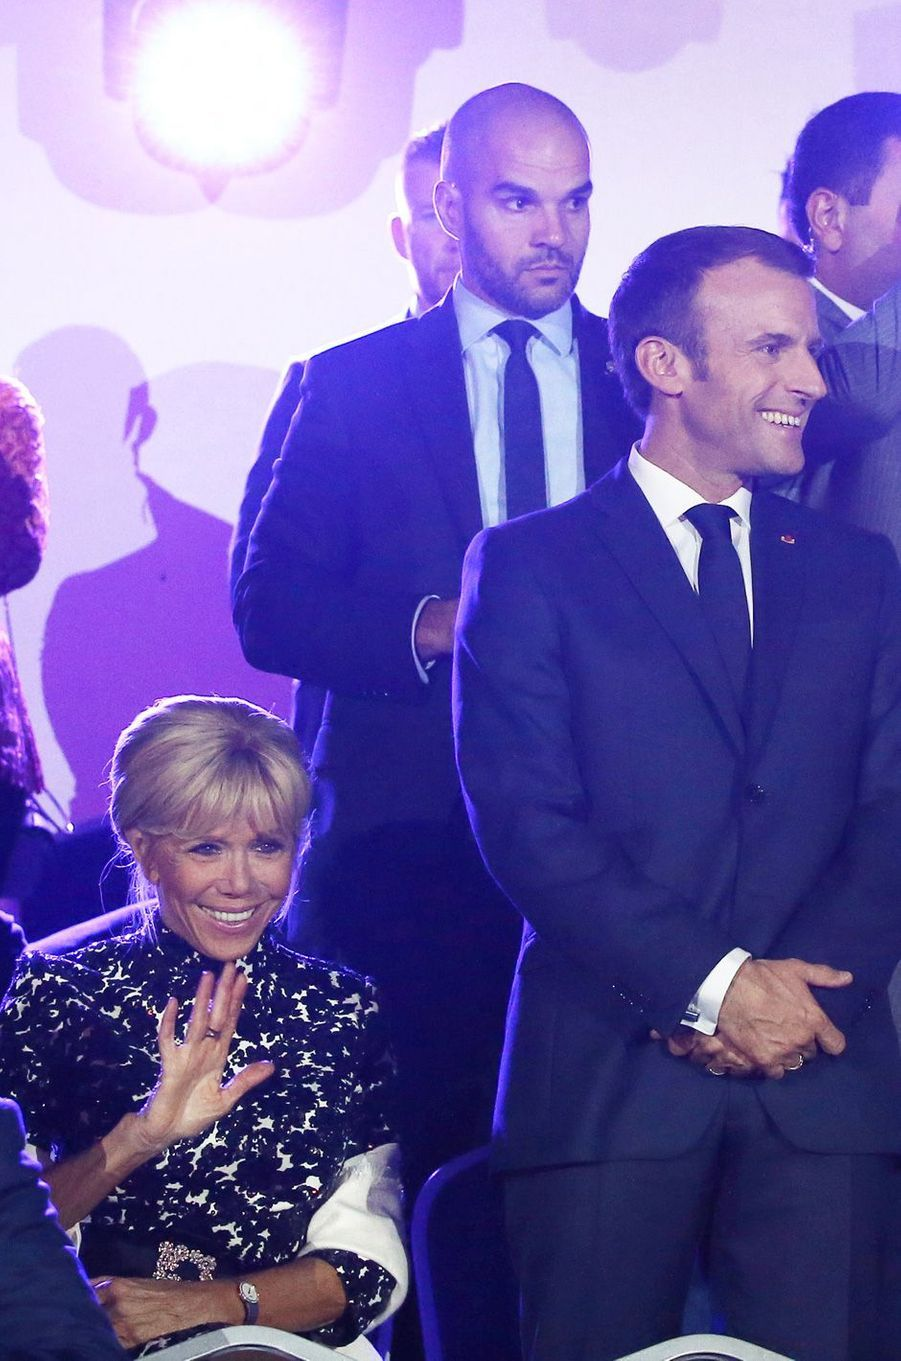 Emmanuel Macron et son épouse Brigitte ont assisté jeudi soir à un concert hommage à Charles Aznavour, à Erevan.